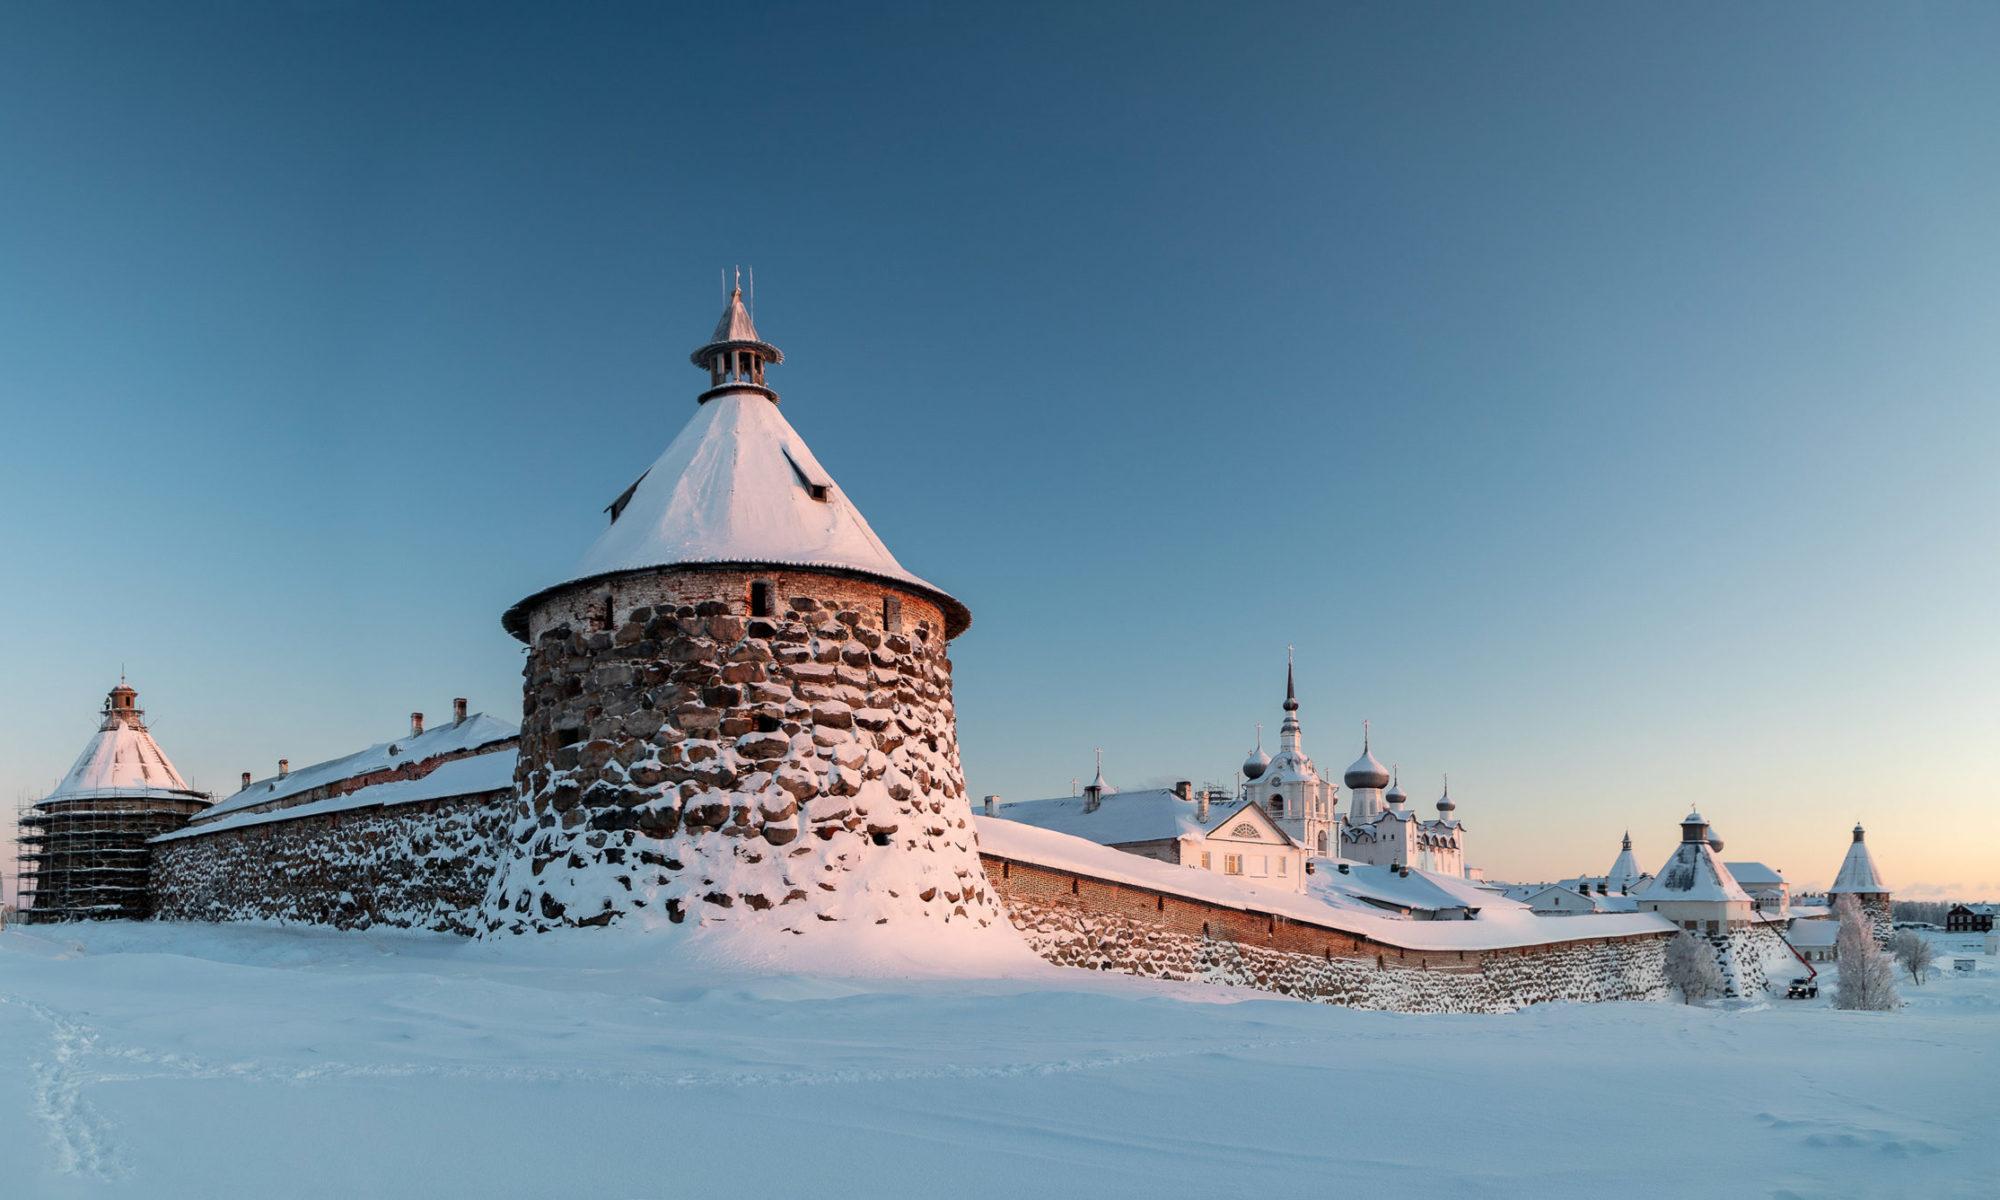 Фонд по сохранению и развитию Соловецкого архипелага